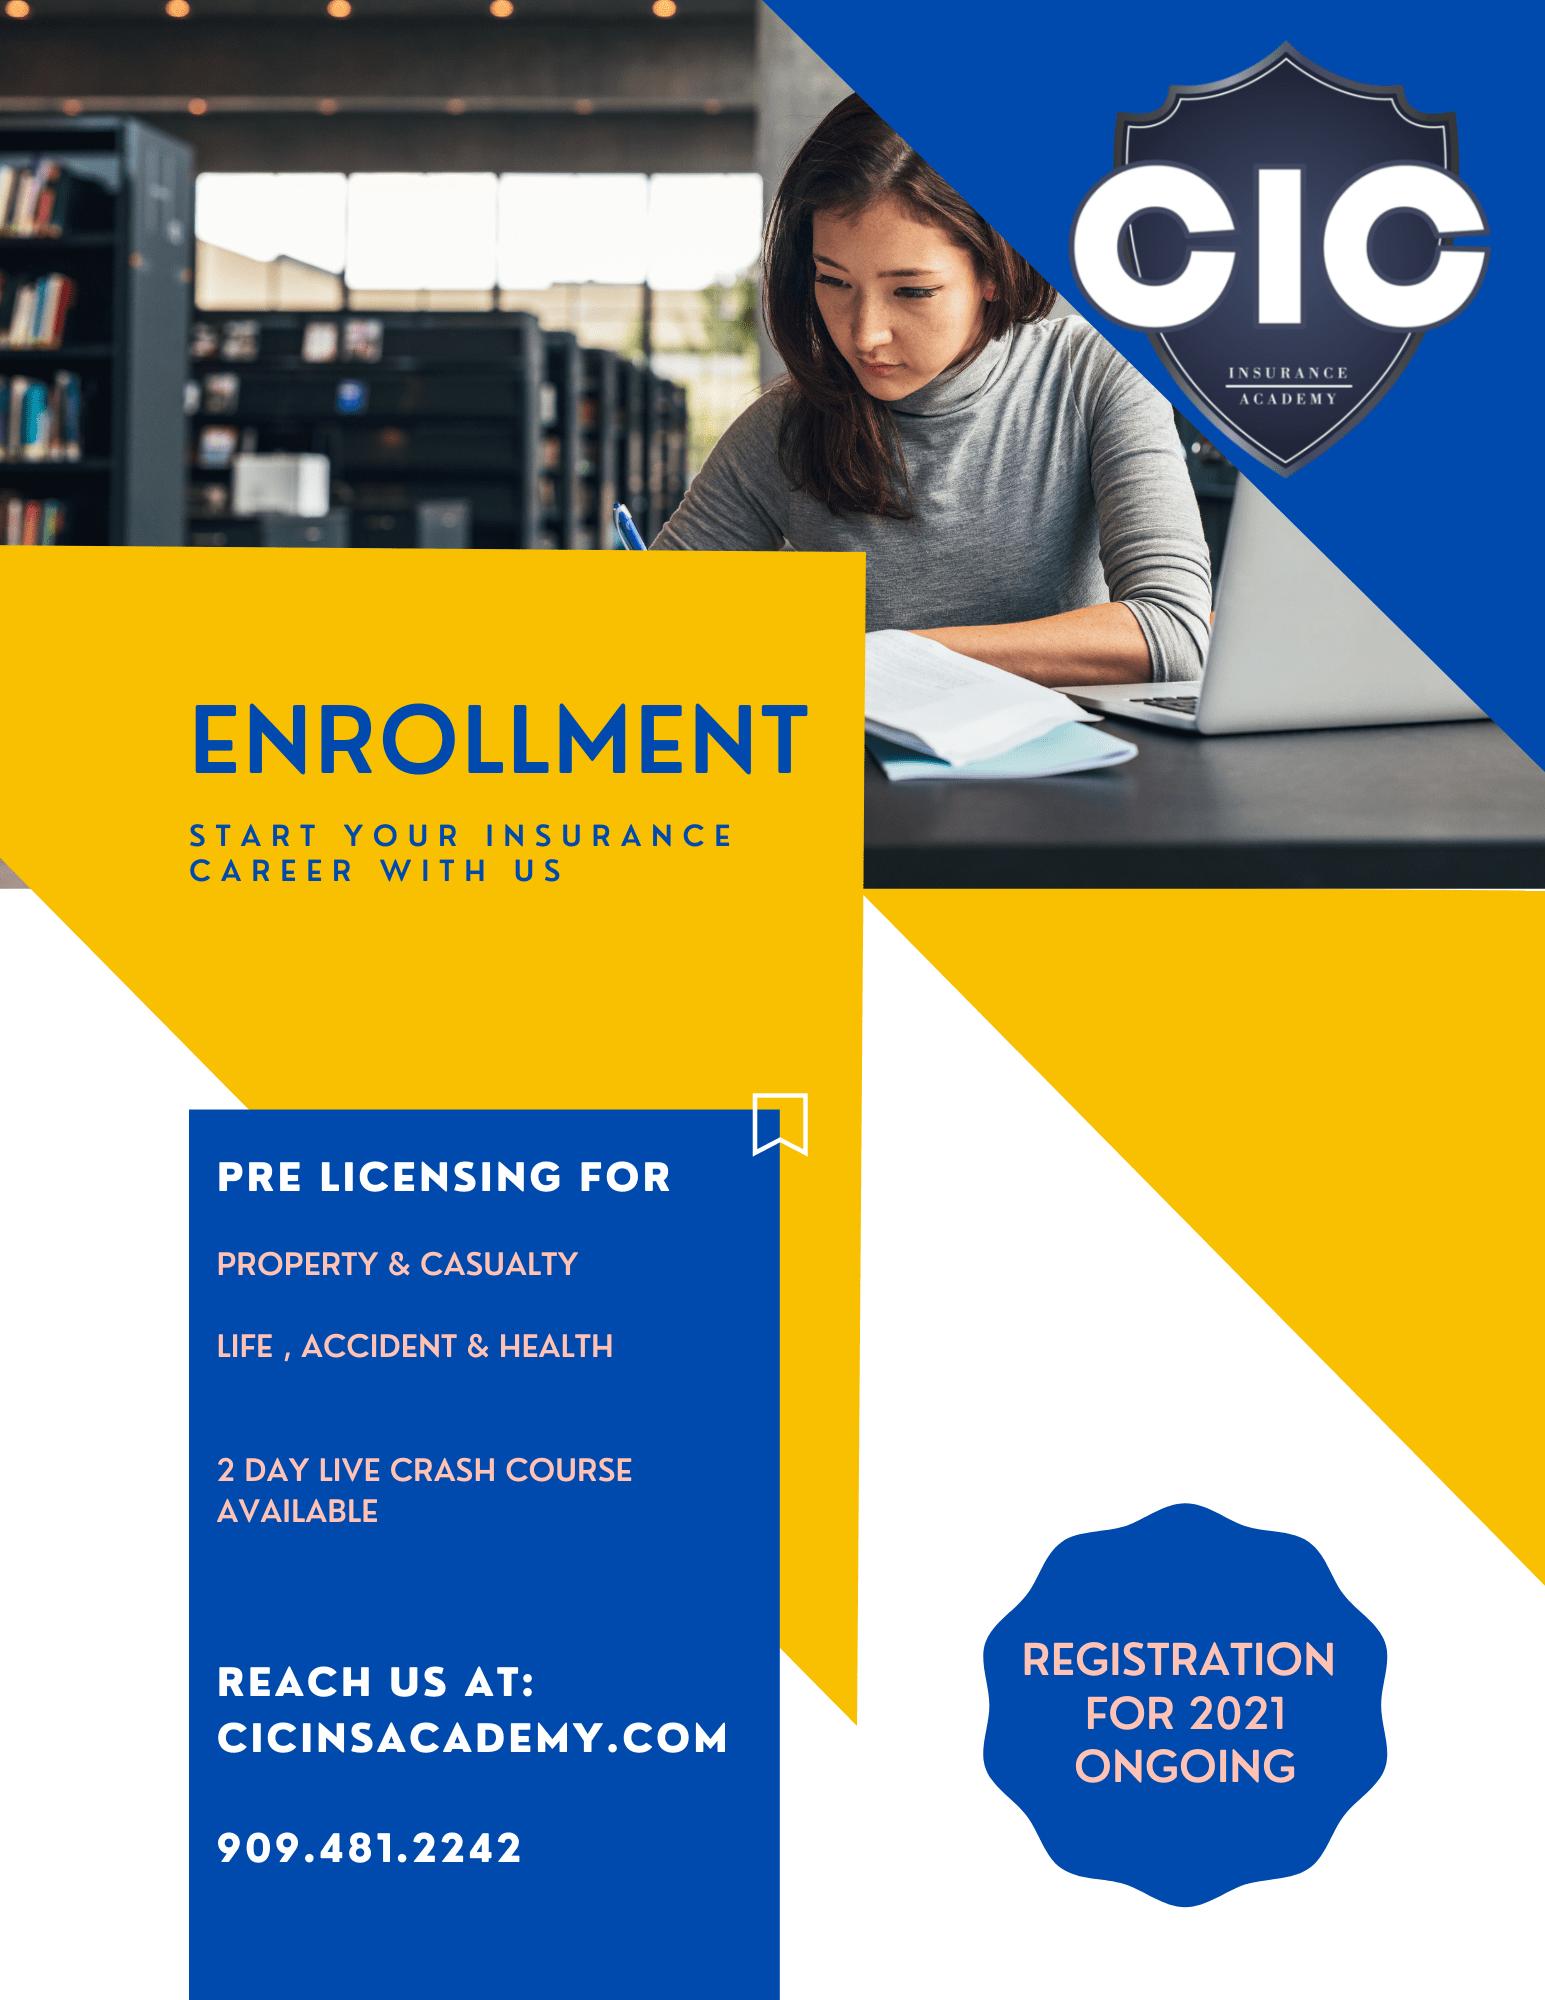 Enrollment png 2